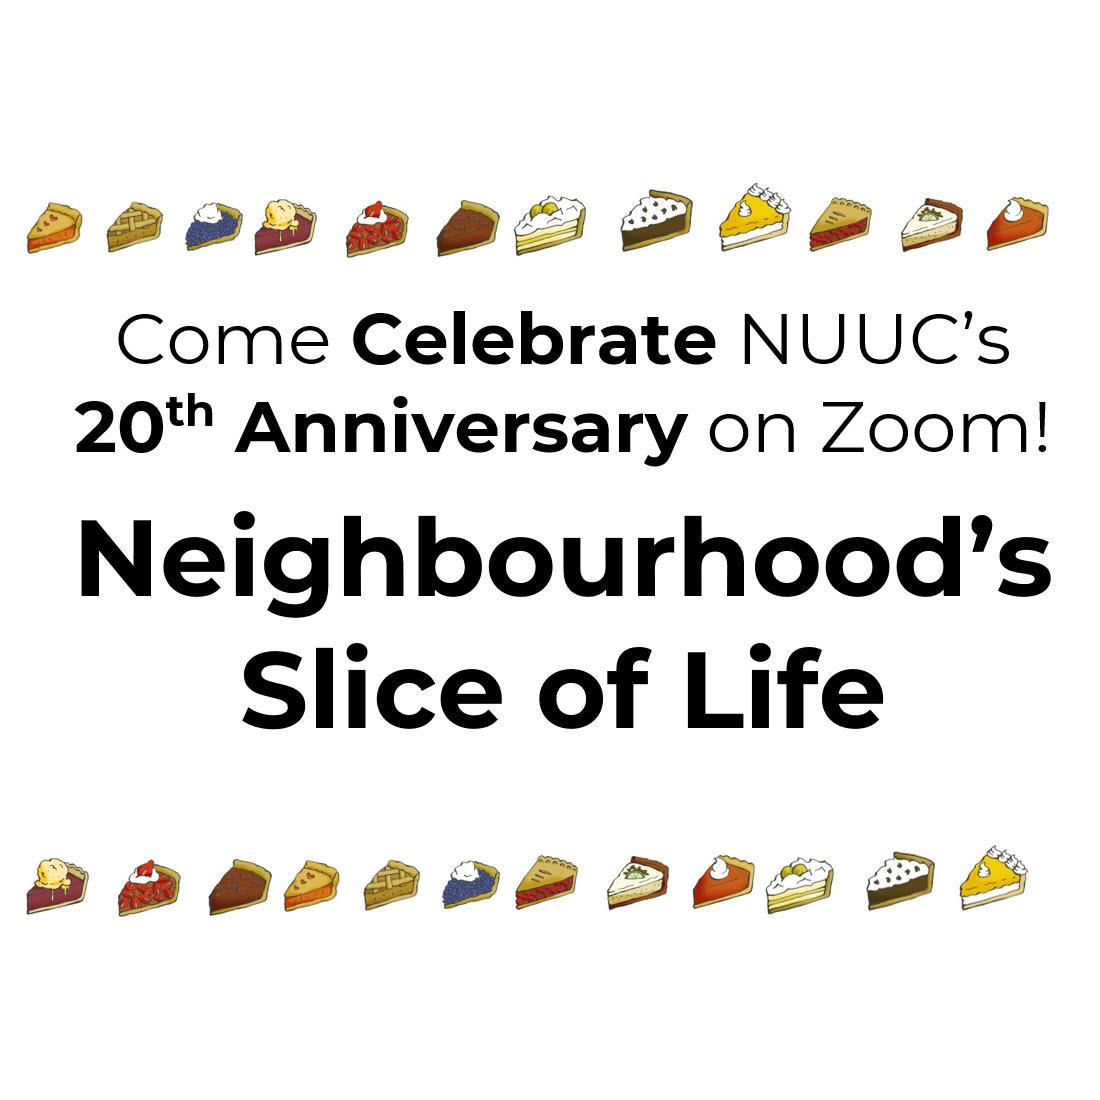 Neighbourhood's Slice of Life